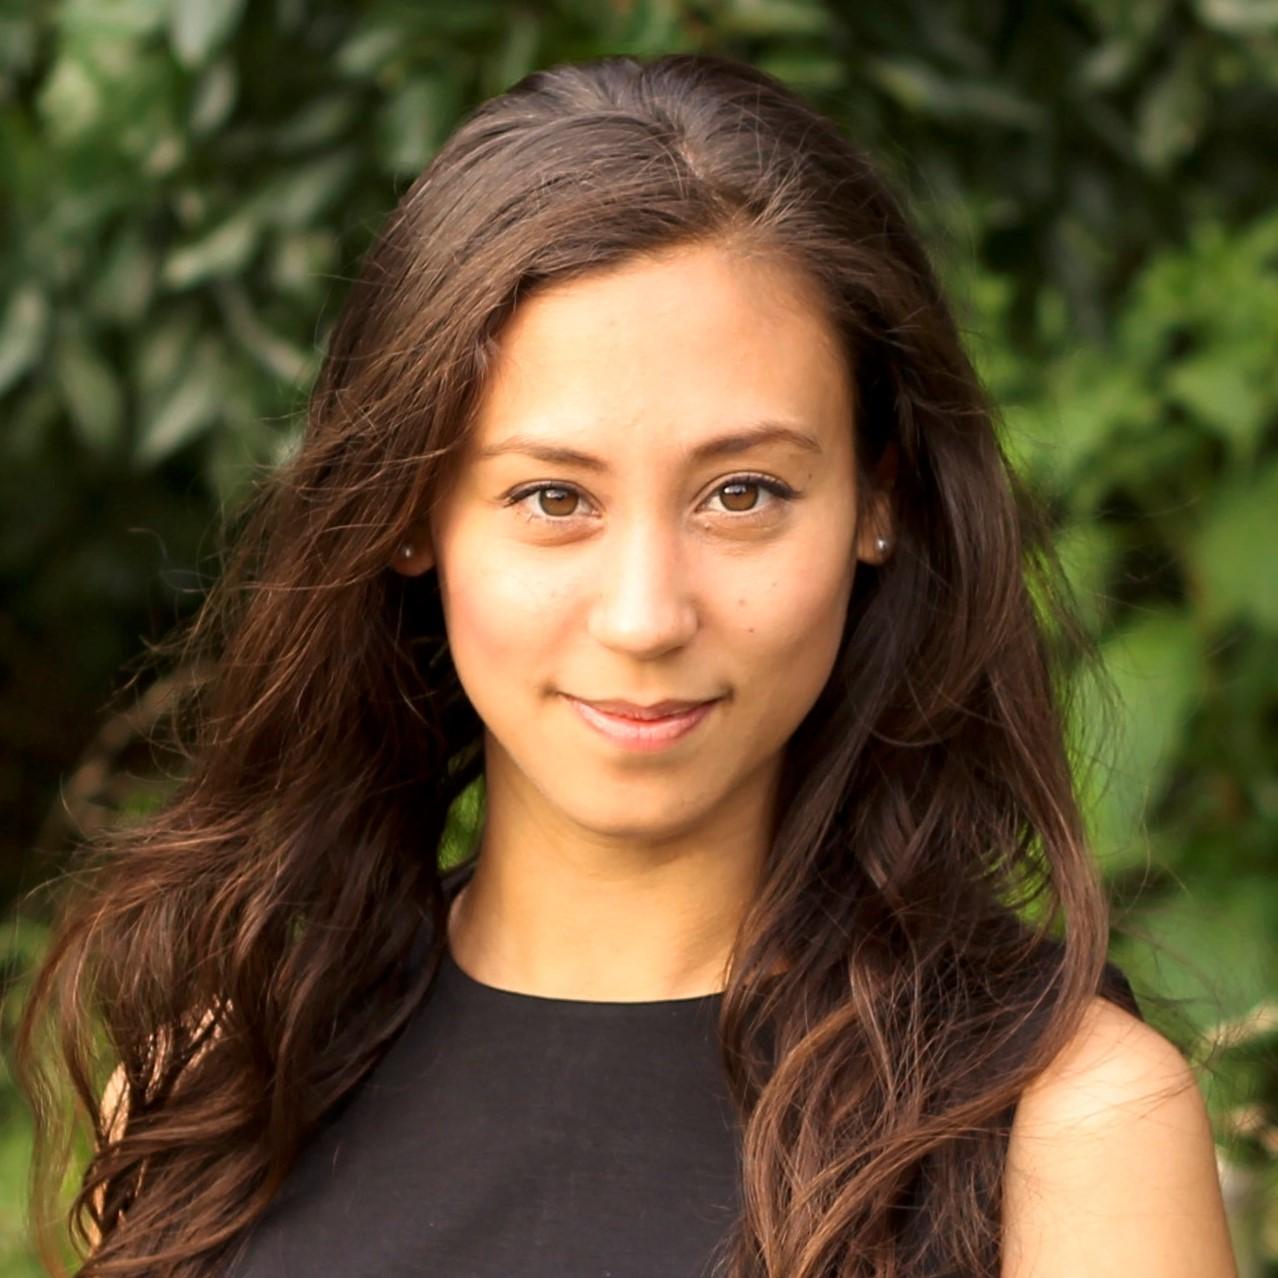 Mariko Olivia McTier